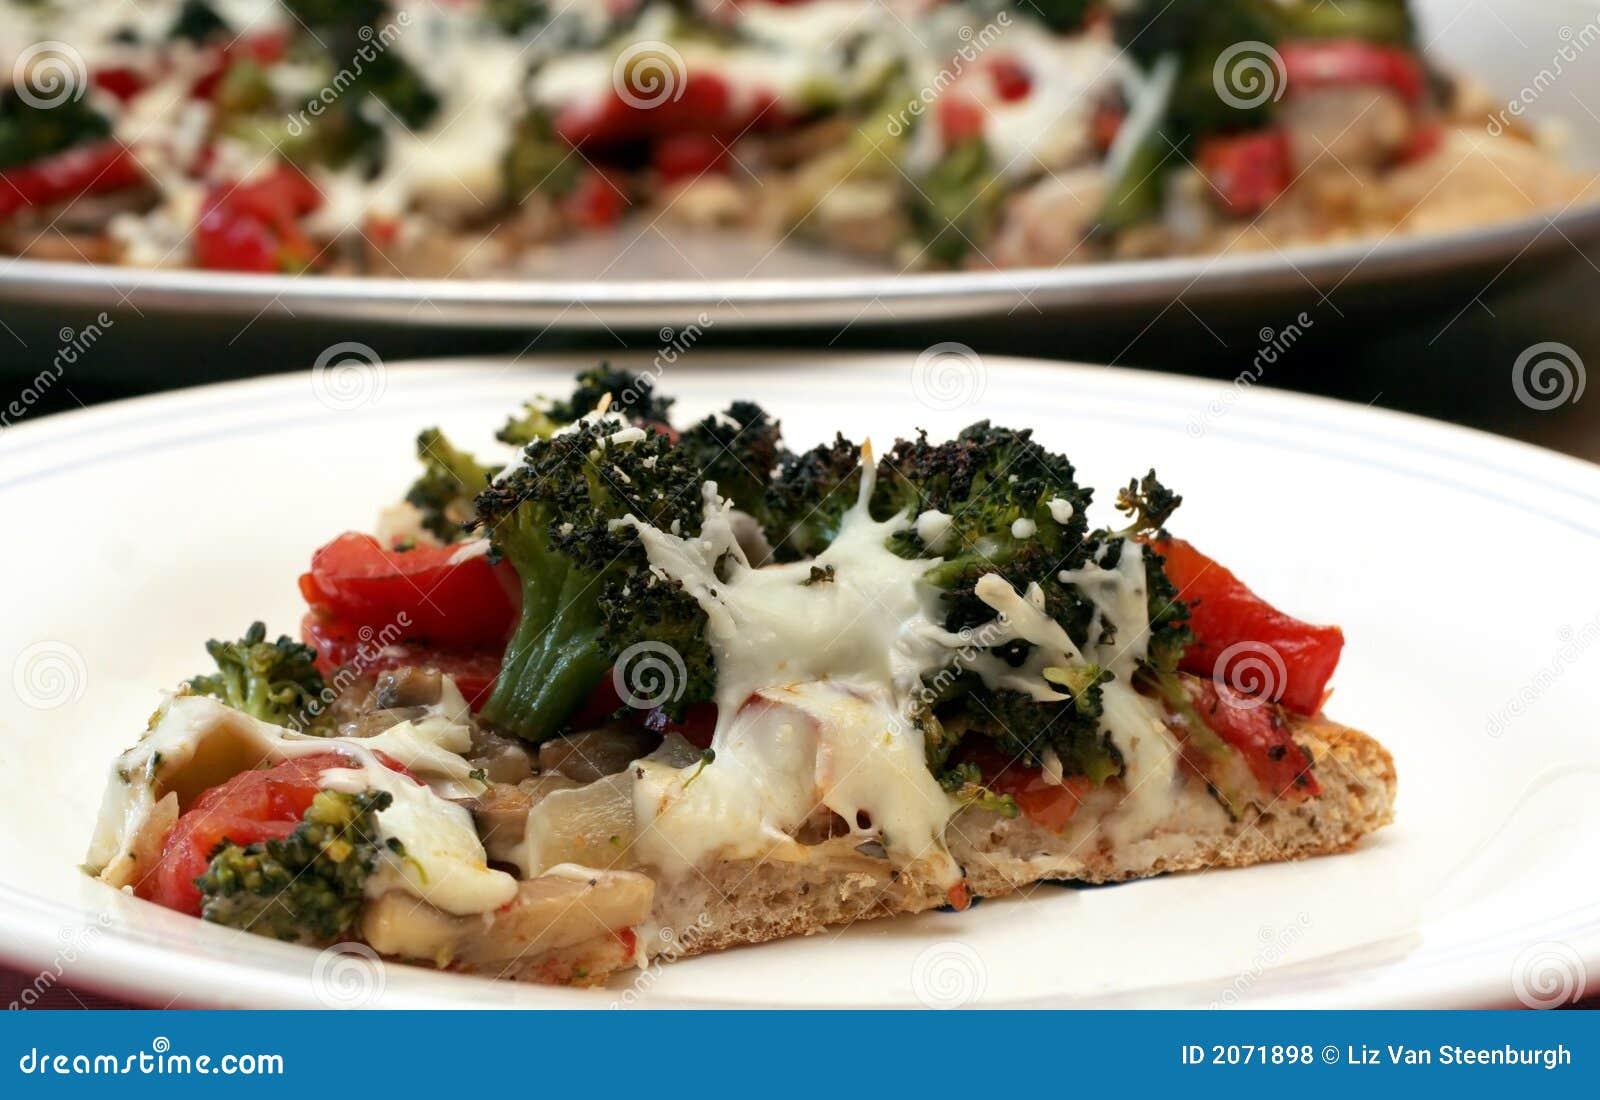 λαχανικό πιτσών